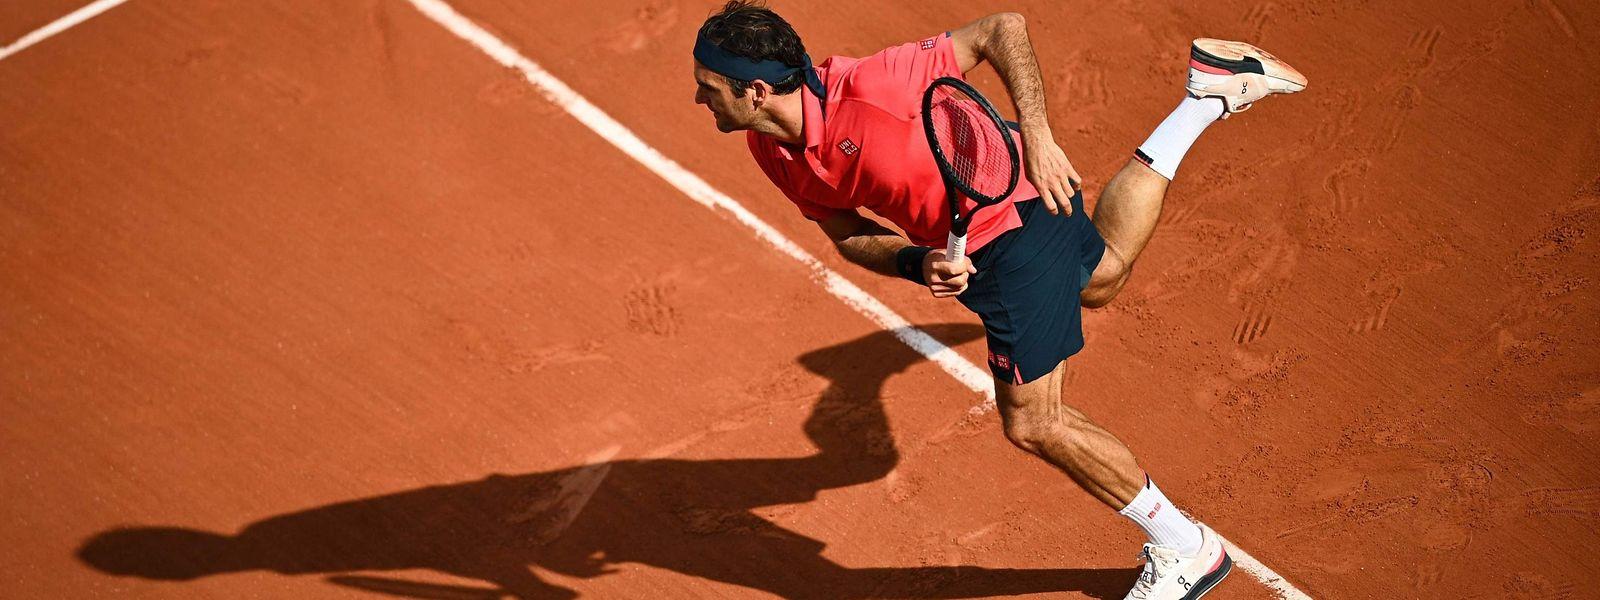 Roger Federer reste un des favoris du tournoi parisien 2021 déjà contrarié en tribune par les restrictions covid, et maintenant frappé par un scandale judiciaire.